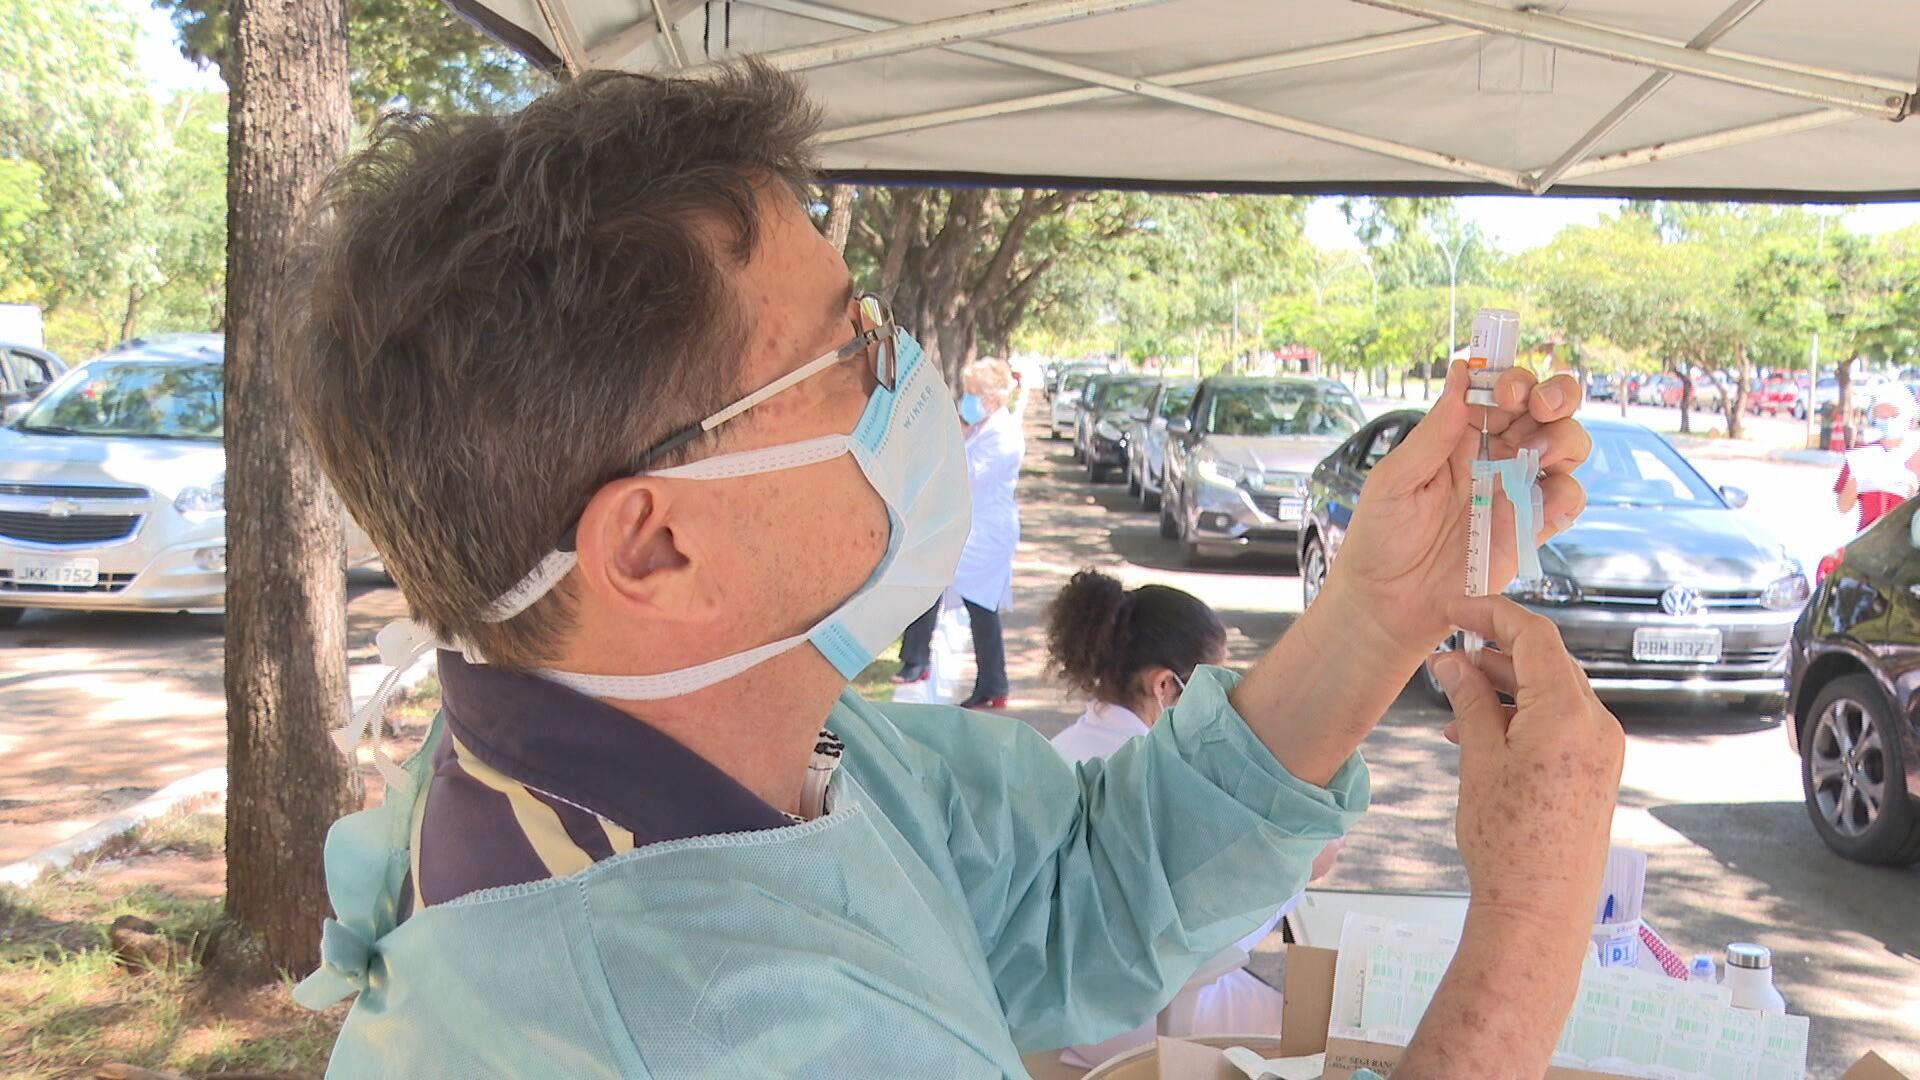 Vacina contra Covid-19: veja postos que vão funcionar no feriado do aniversário de Brasília